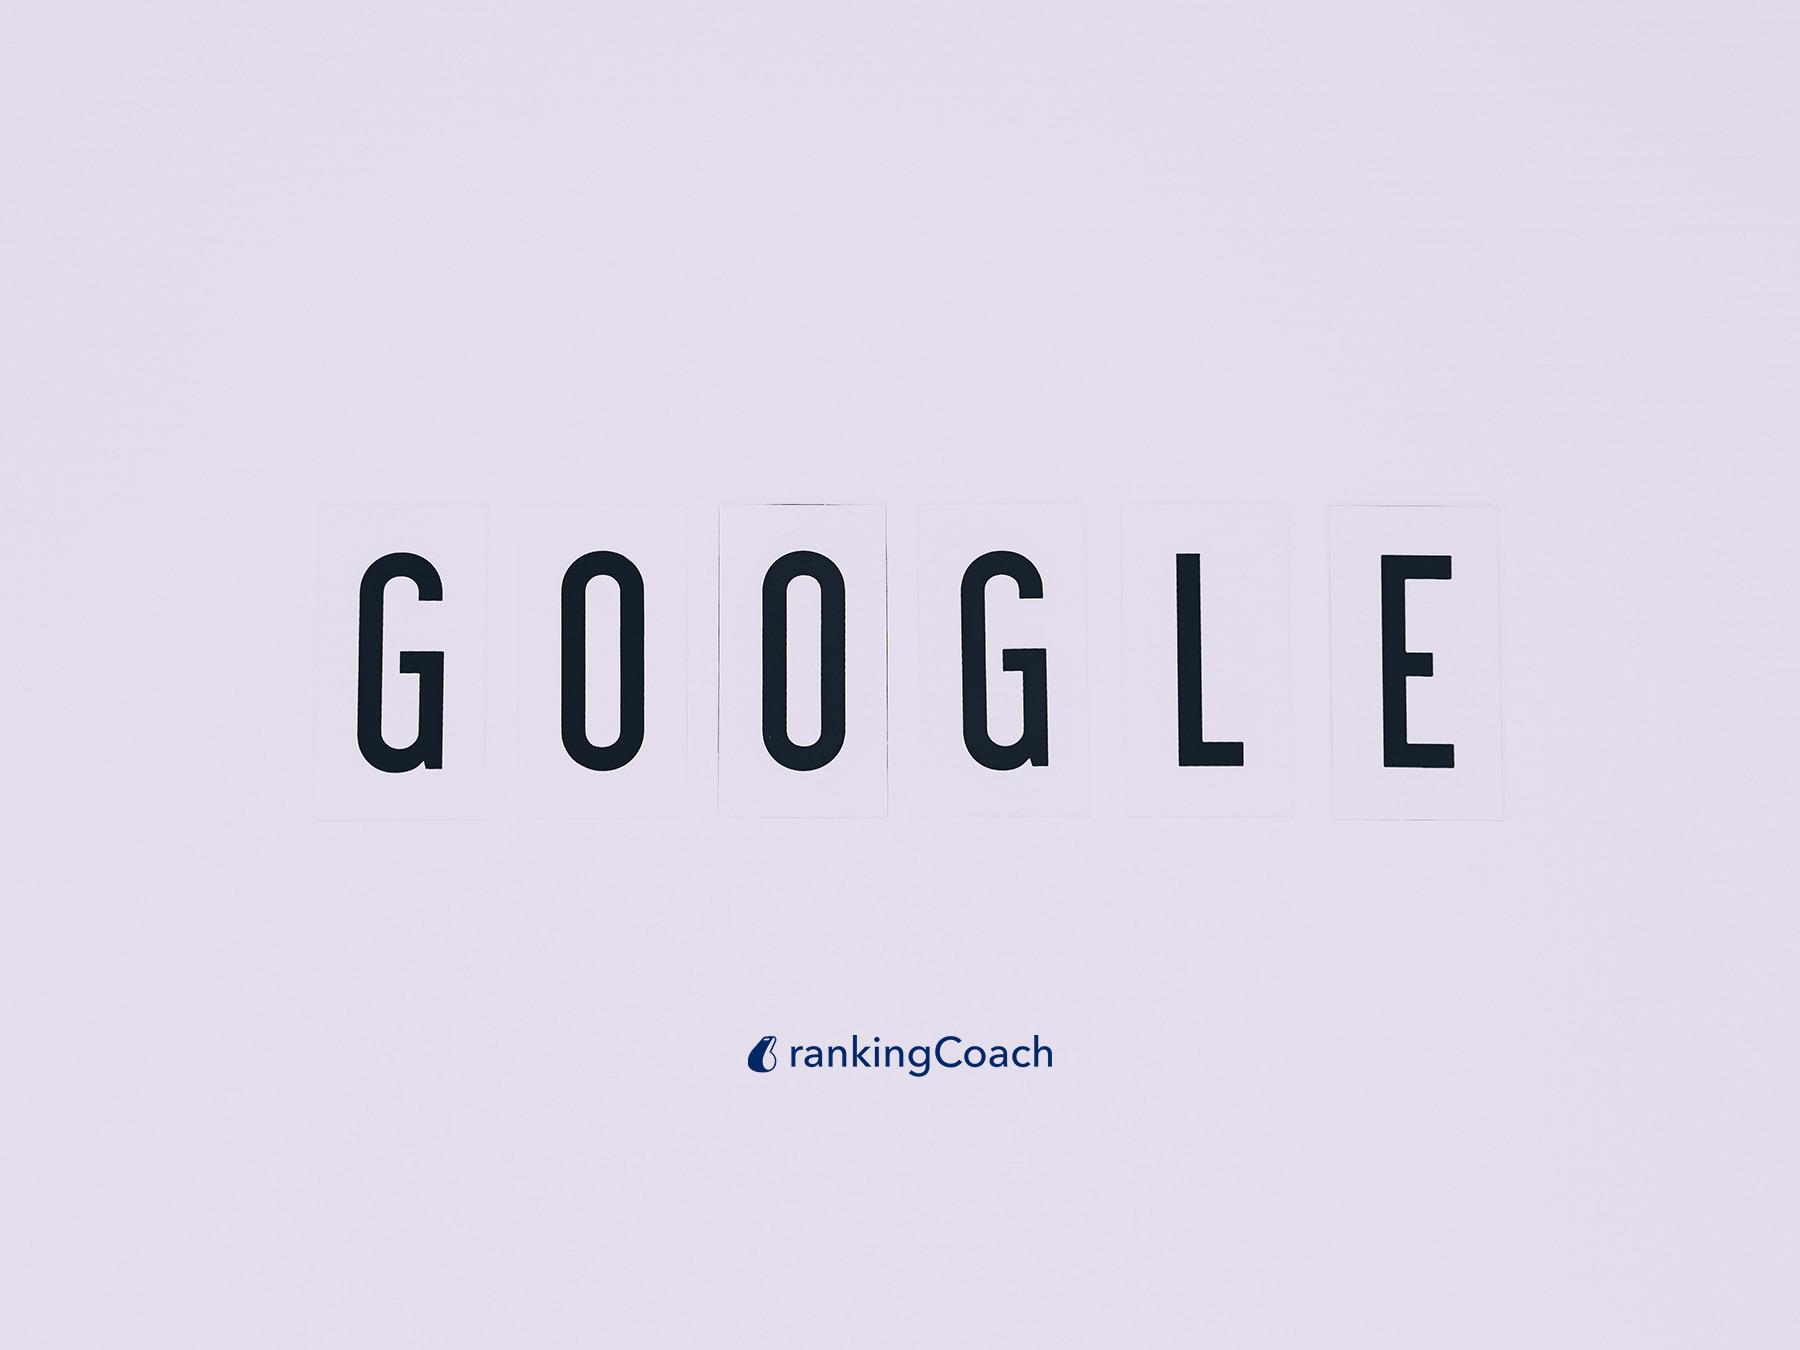 Wie bekomme ich kostenlose Werbung bei Google?